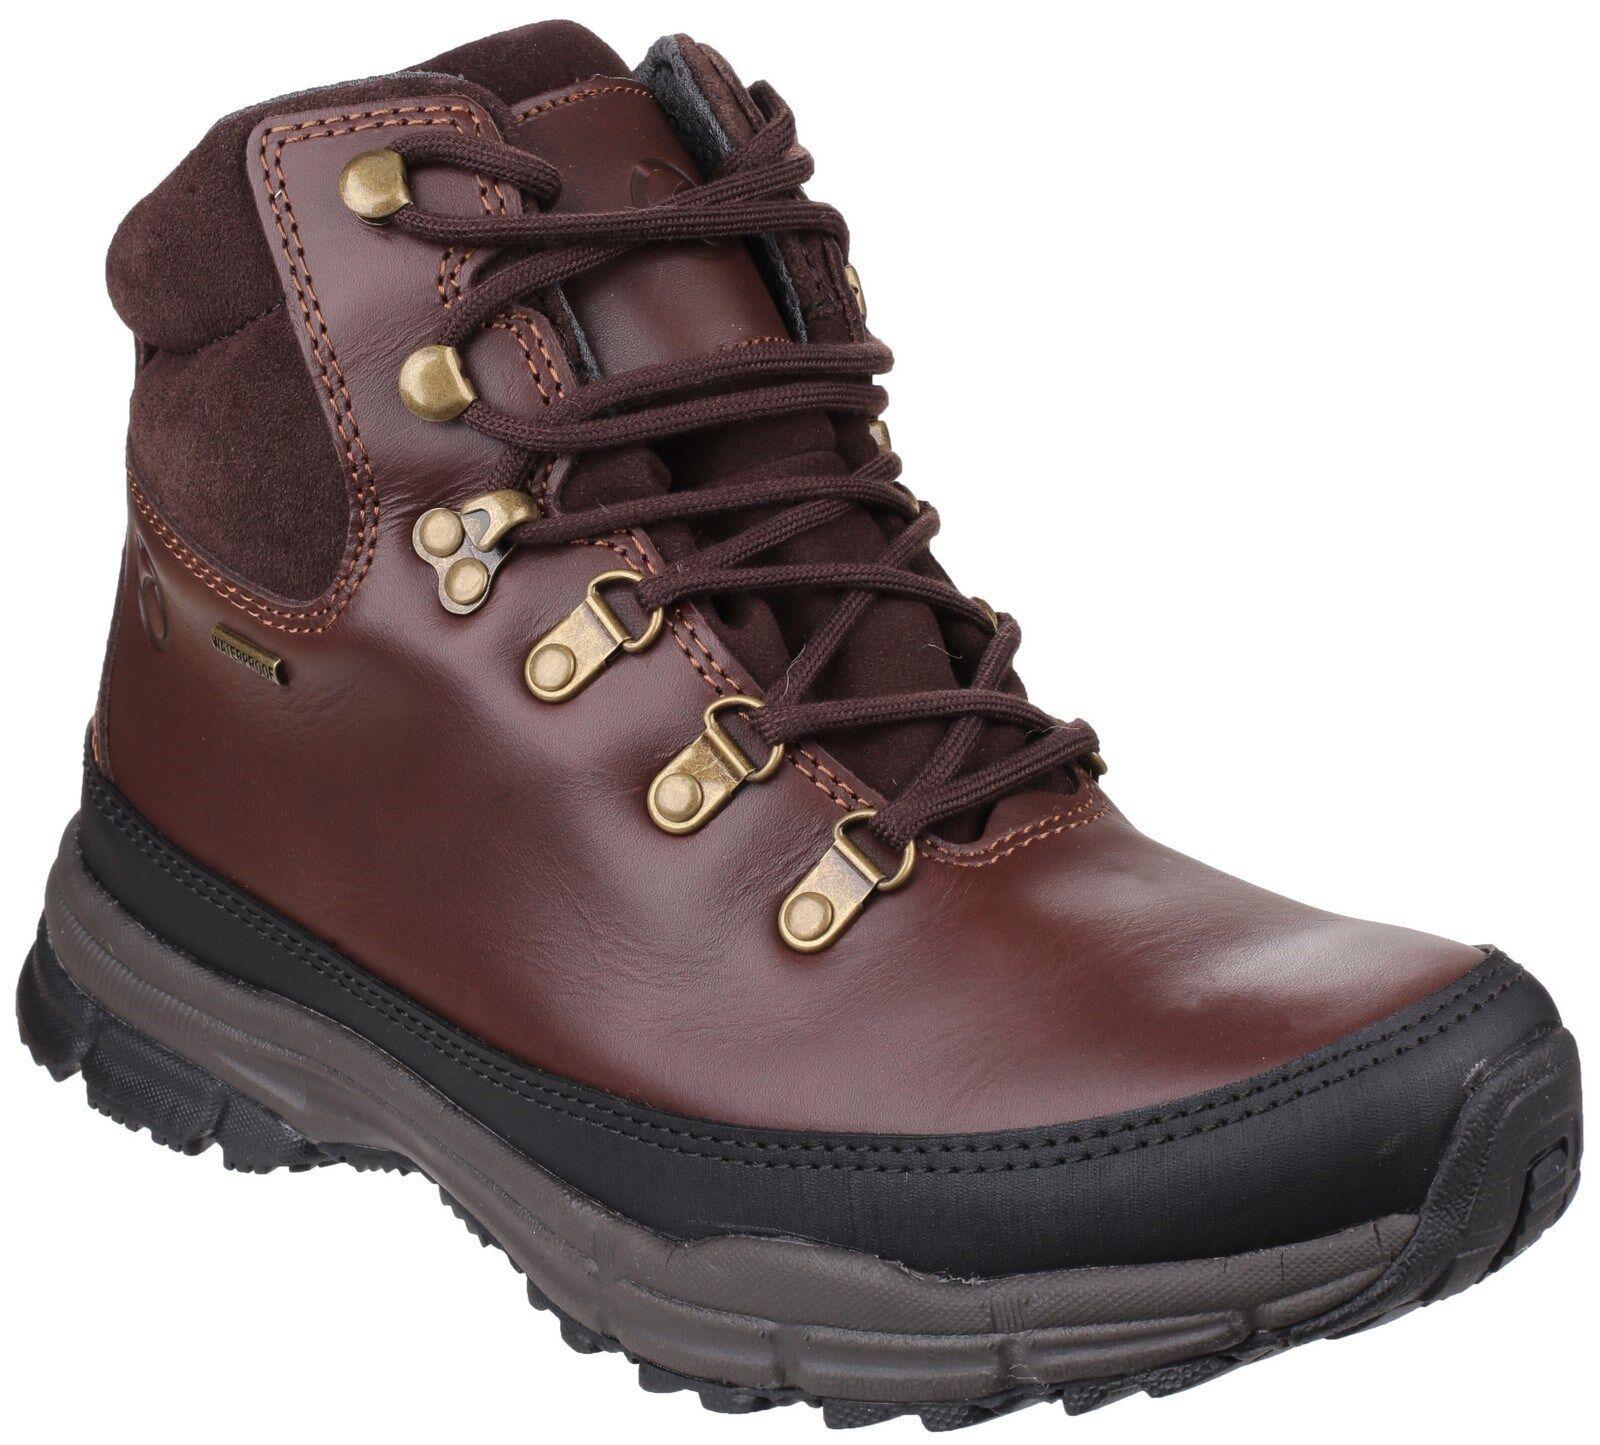 Cotswold Beacon Waterproof Damenschuhe Hiking Walking Lace Lace Lace up Boot UK 3-6.5 898a9e